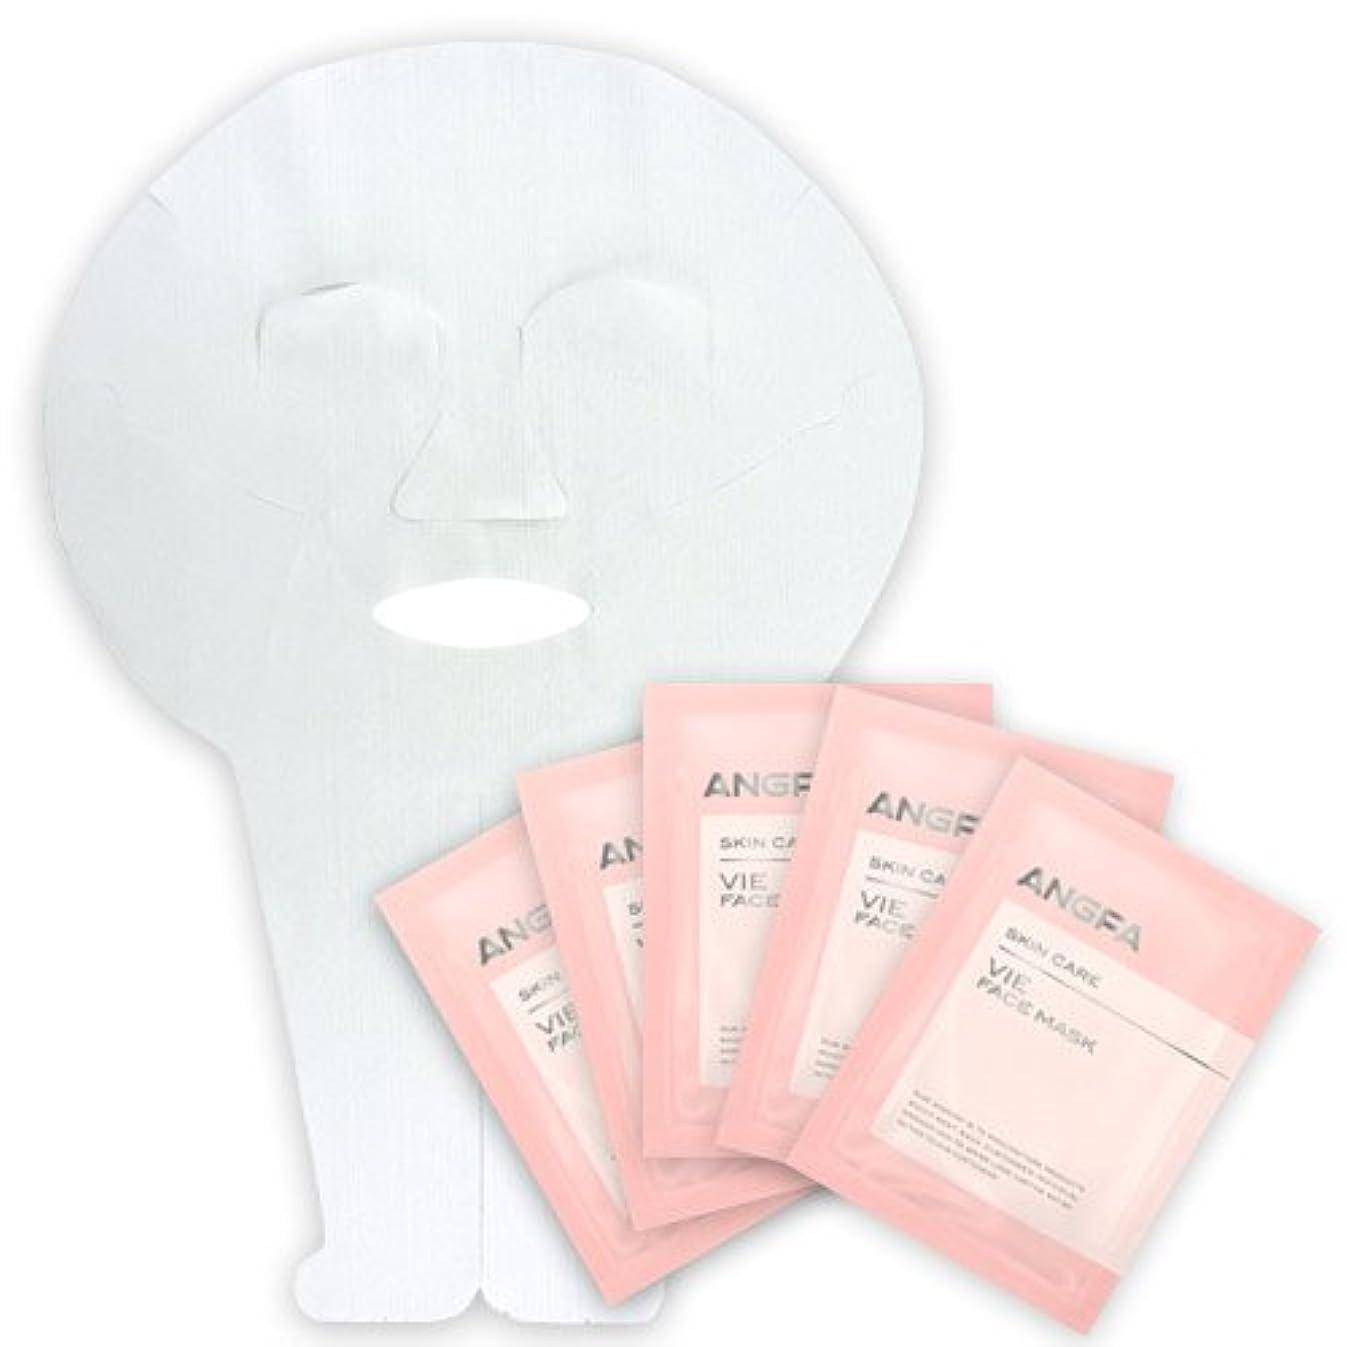 共感する無意識はっきりとアンファー (ANGFA) VIE フェイスマスク 5枚